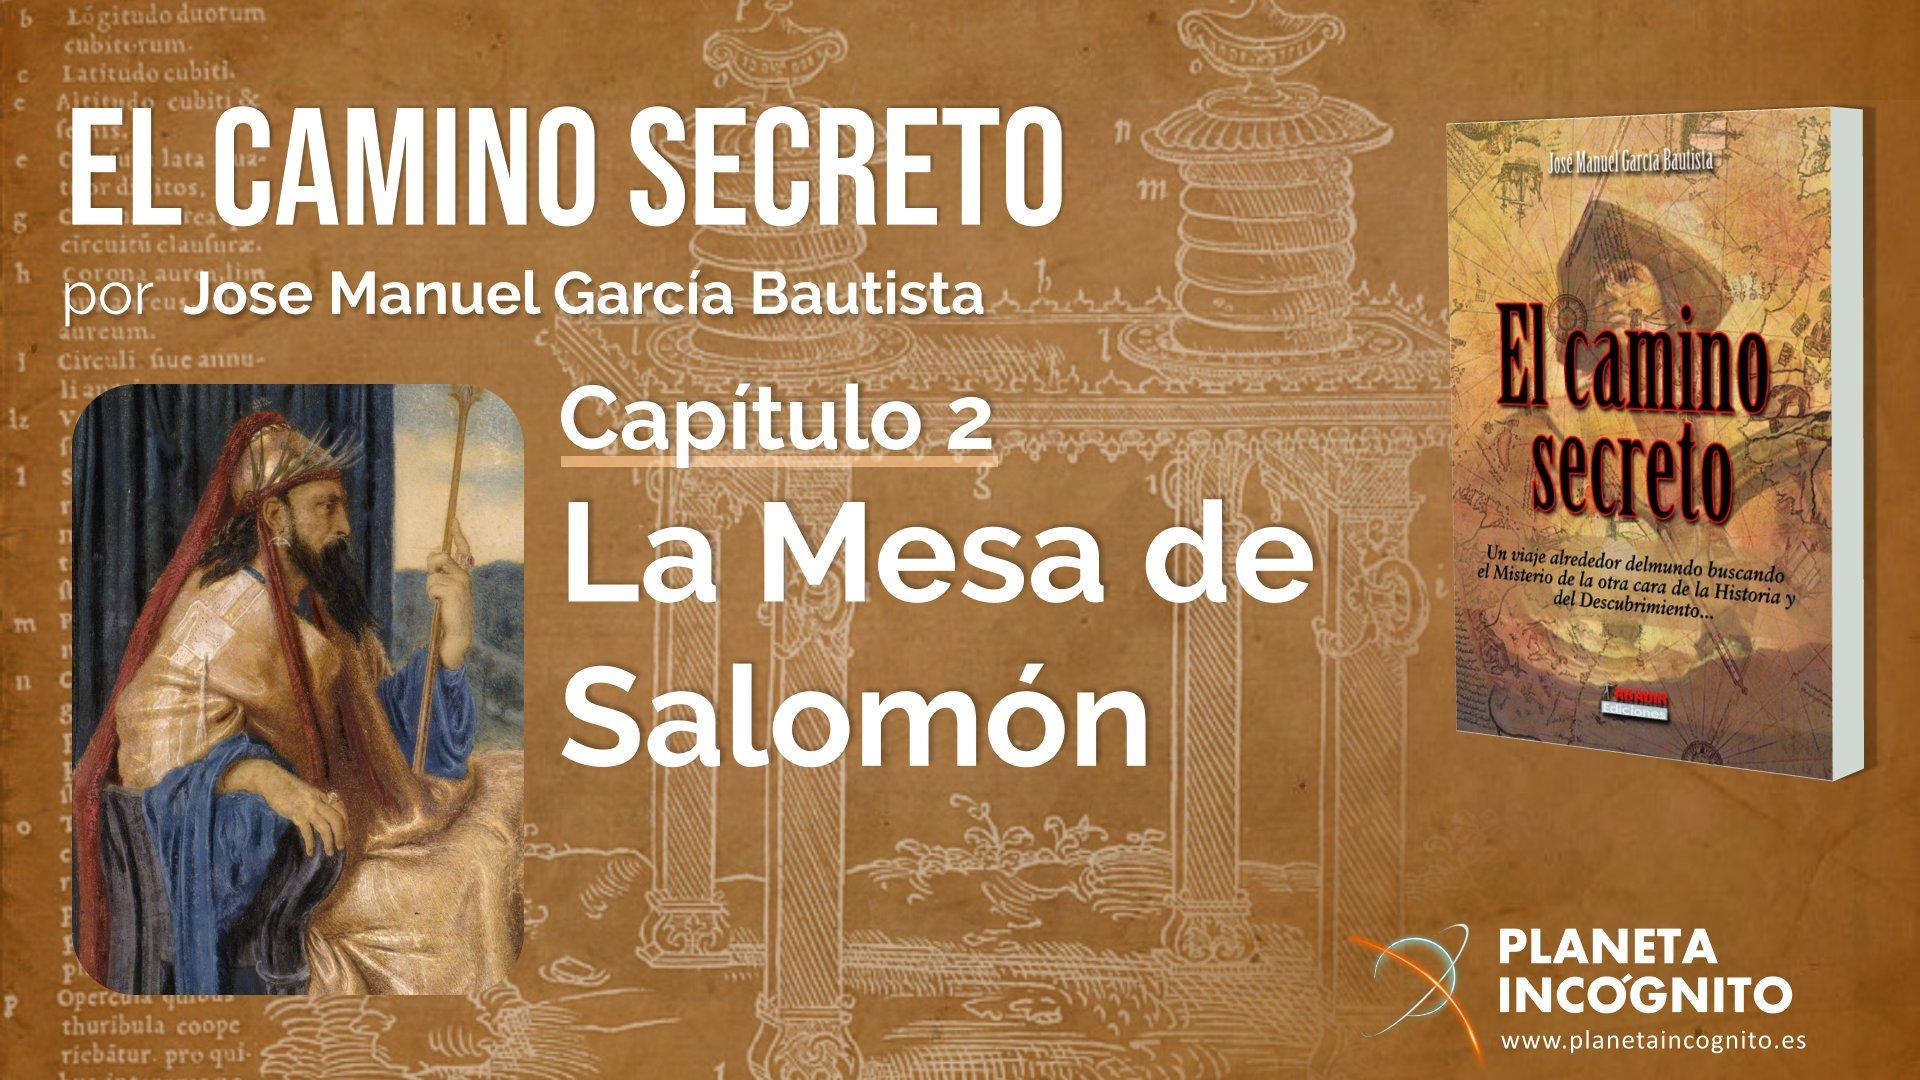 El Camino Secreto Capítulo 2- La Mesa de Salomón por Jose Manuel García Bautista